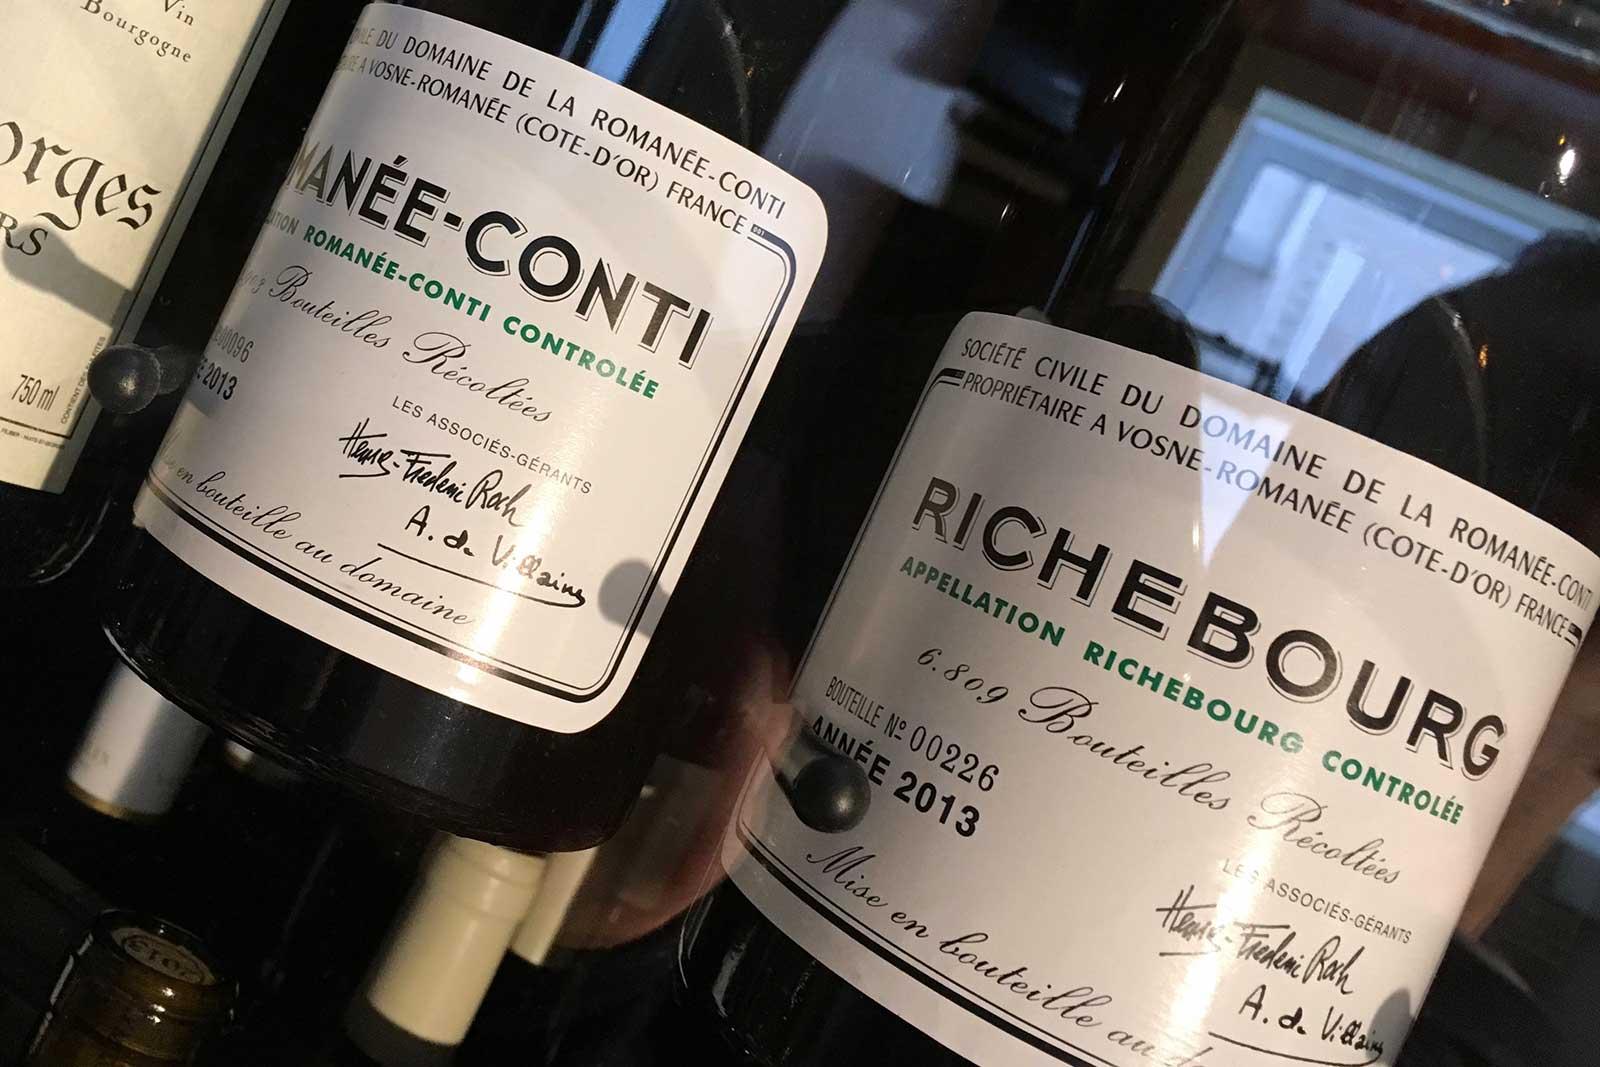 Bottles of Domaine de la Romanée-Conti. ©Kevin Day/Opening a Bottle